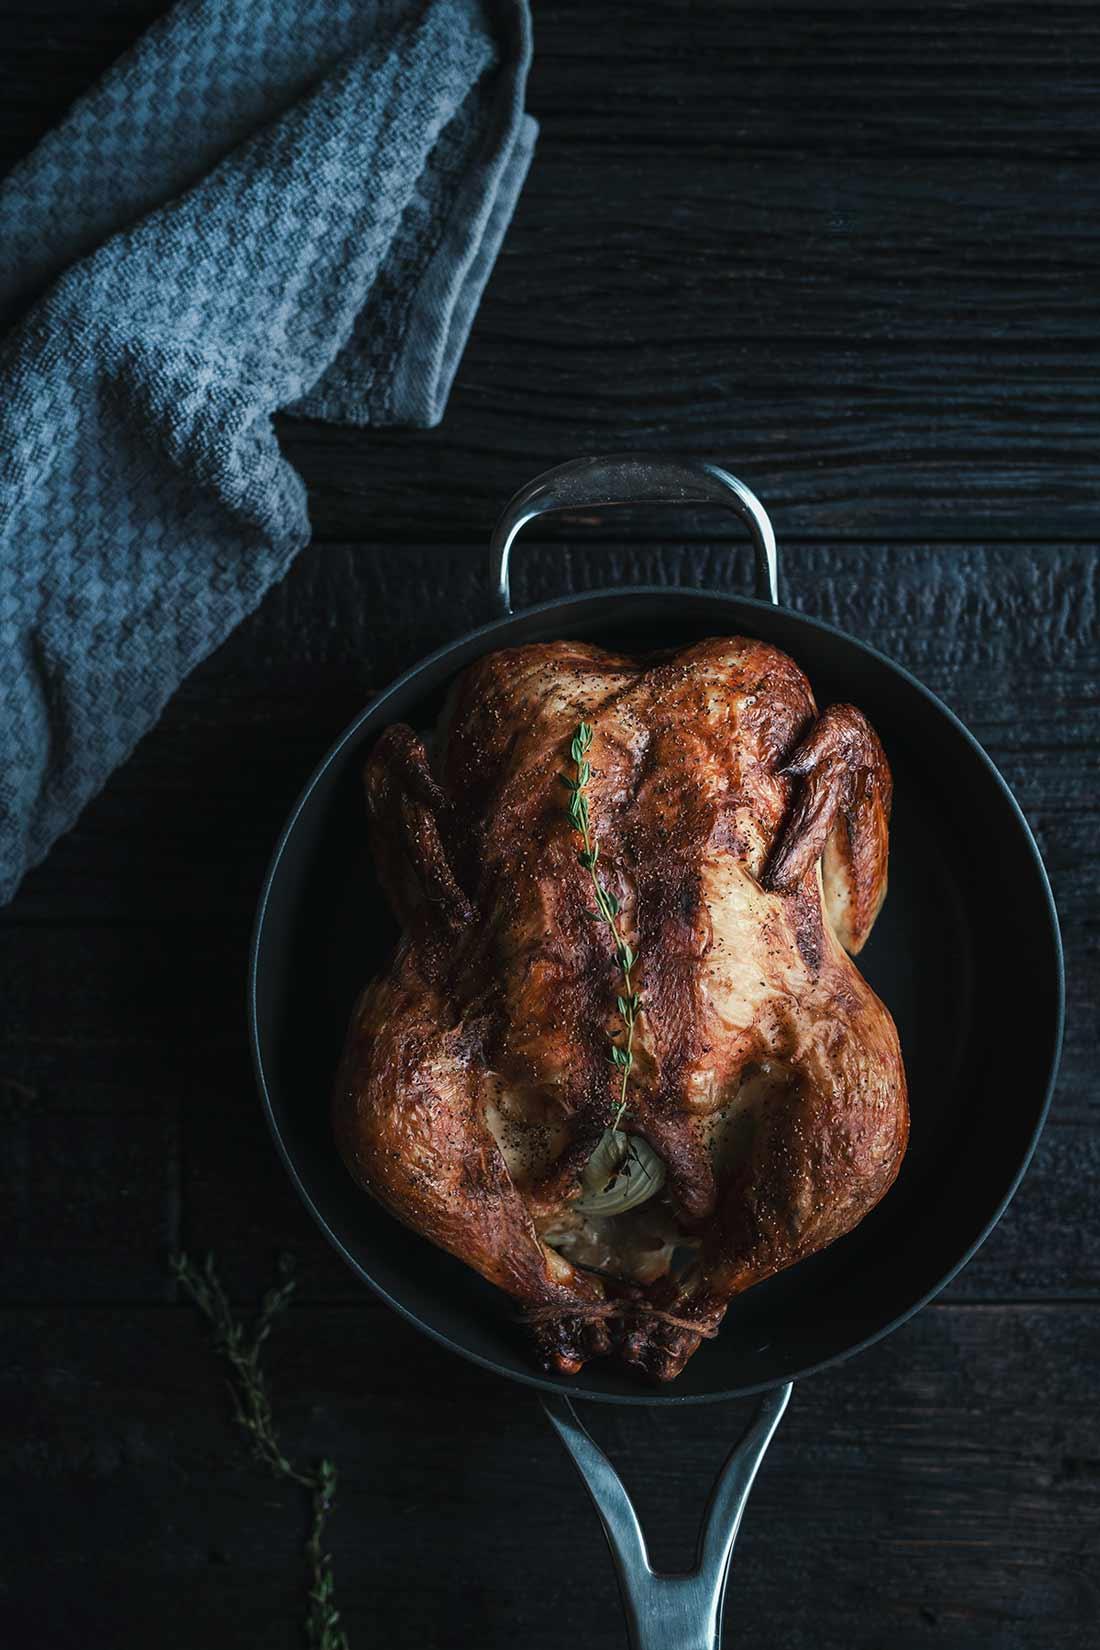 Buttermilk chicken in pan with blue towel in upper left corner